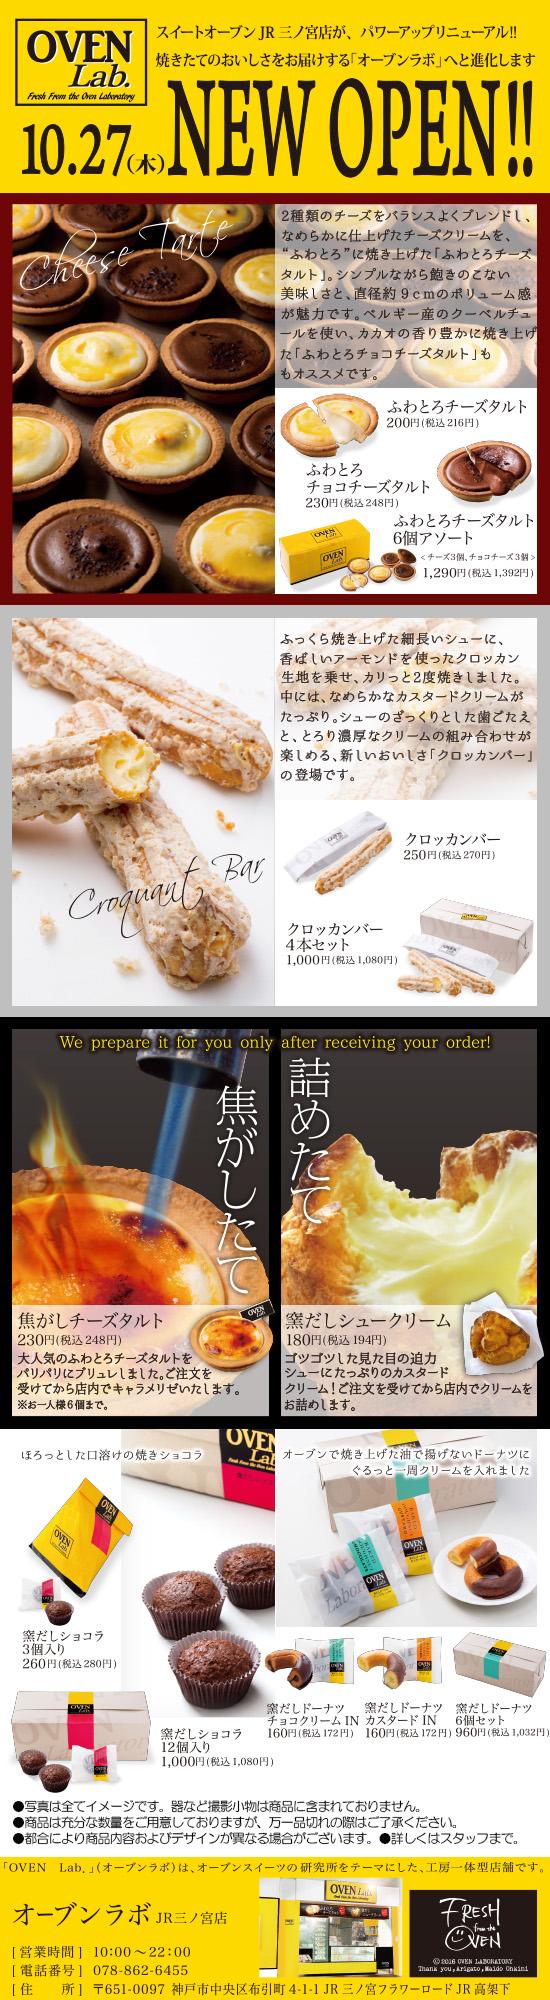 オーブンラボ JR三ノ宮店